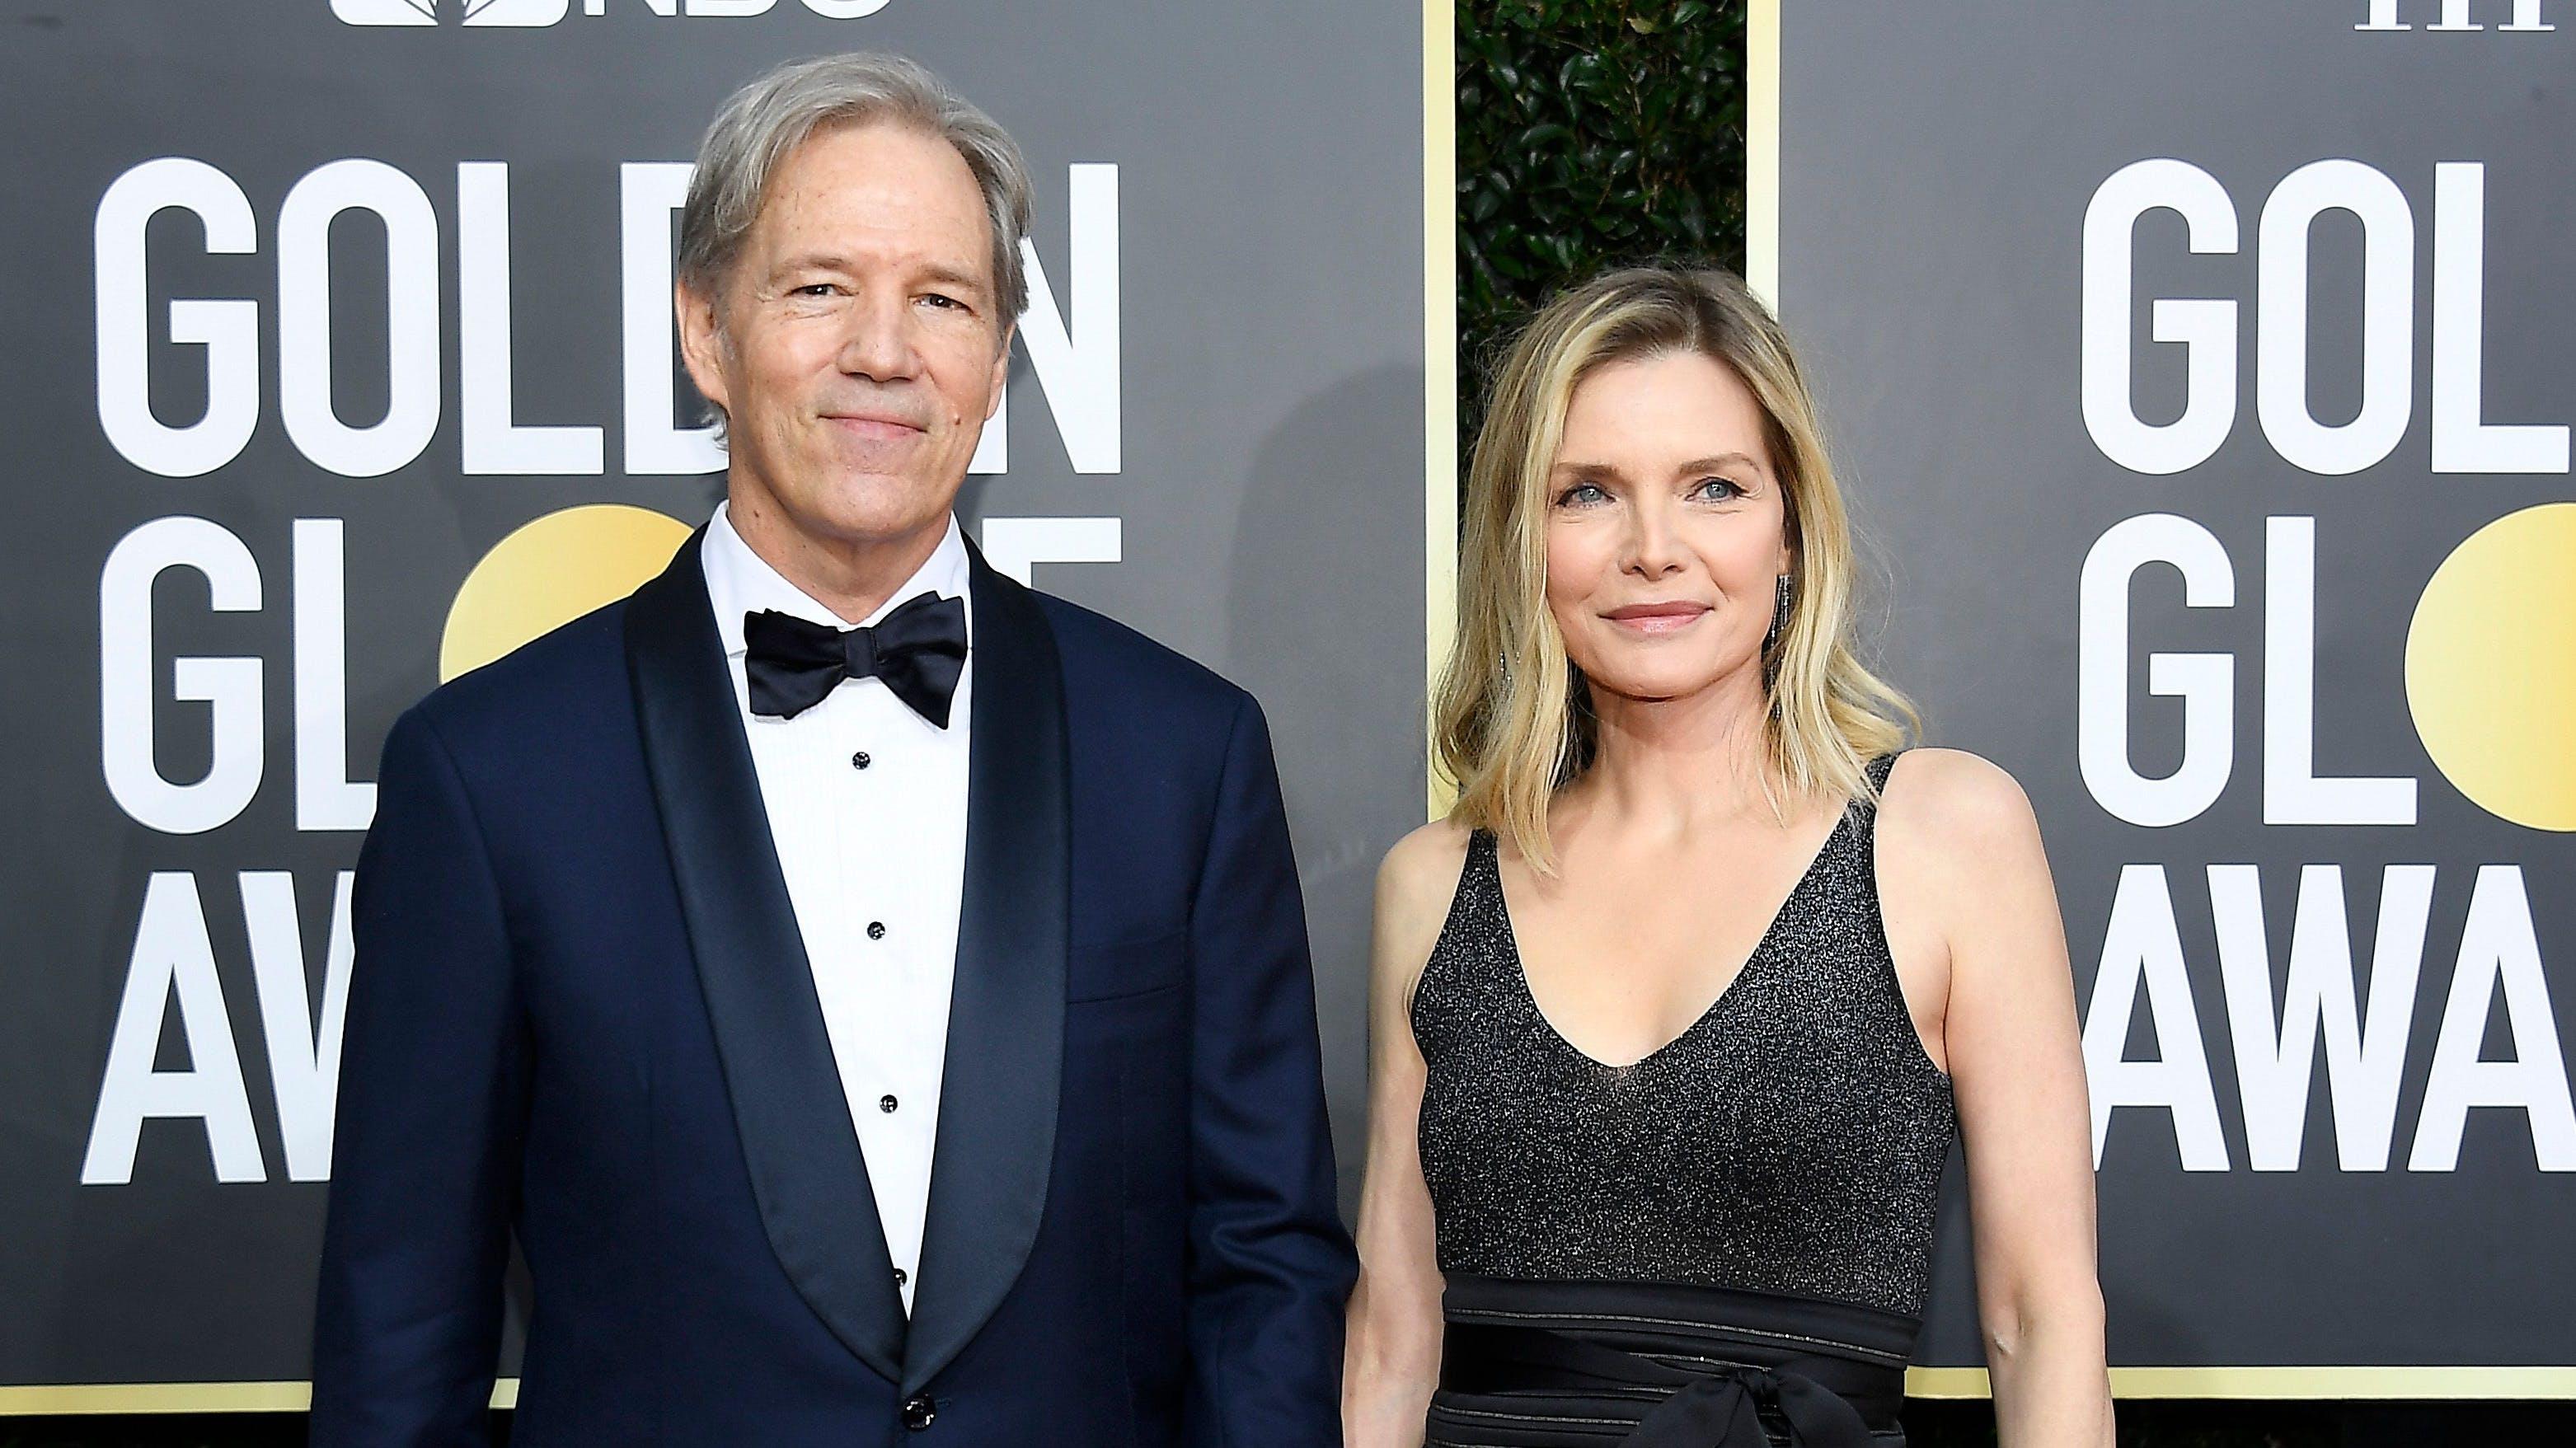 1993 adoptierte Michelle Pfeiffer ein Mädchen, Claudia Rose. Im selben Jahr heiratete sie den Serienschöpfer David E. Kelley («Big Little Lies»). Ihr Sohn John Henry kam ein Jahr später zur Welt.